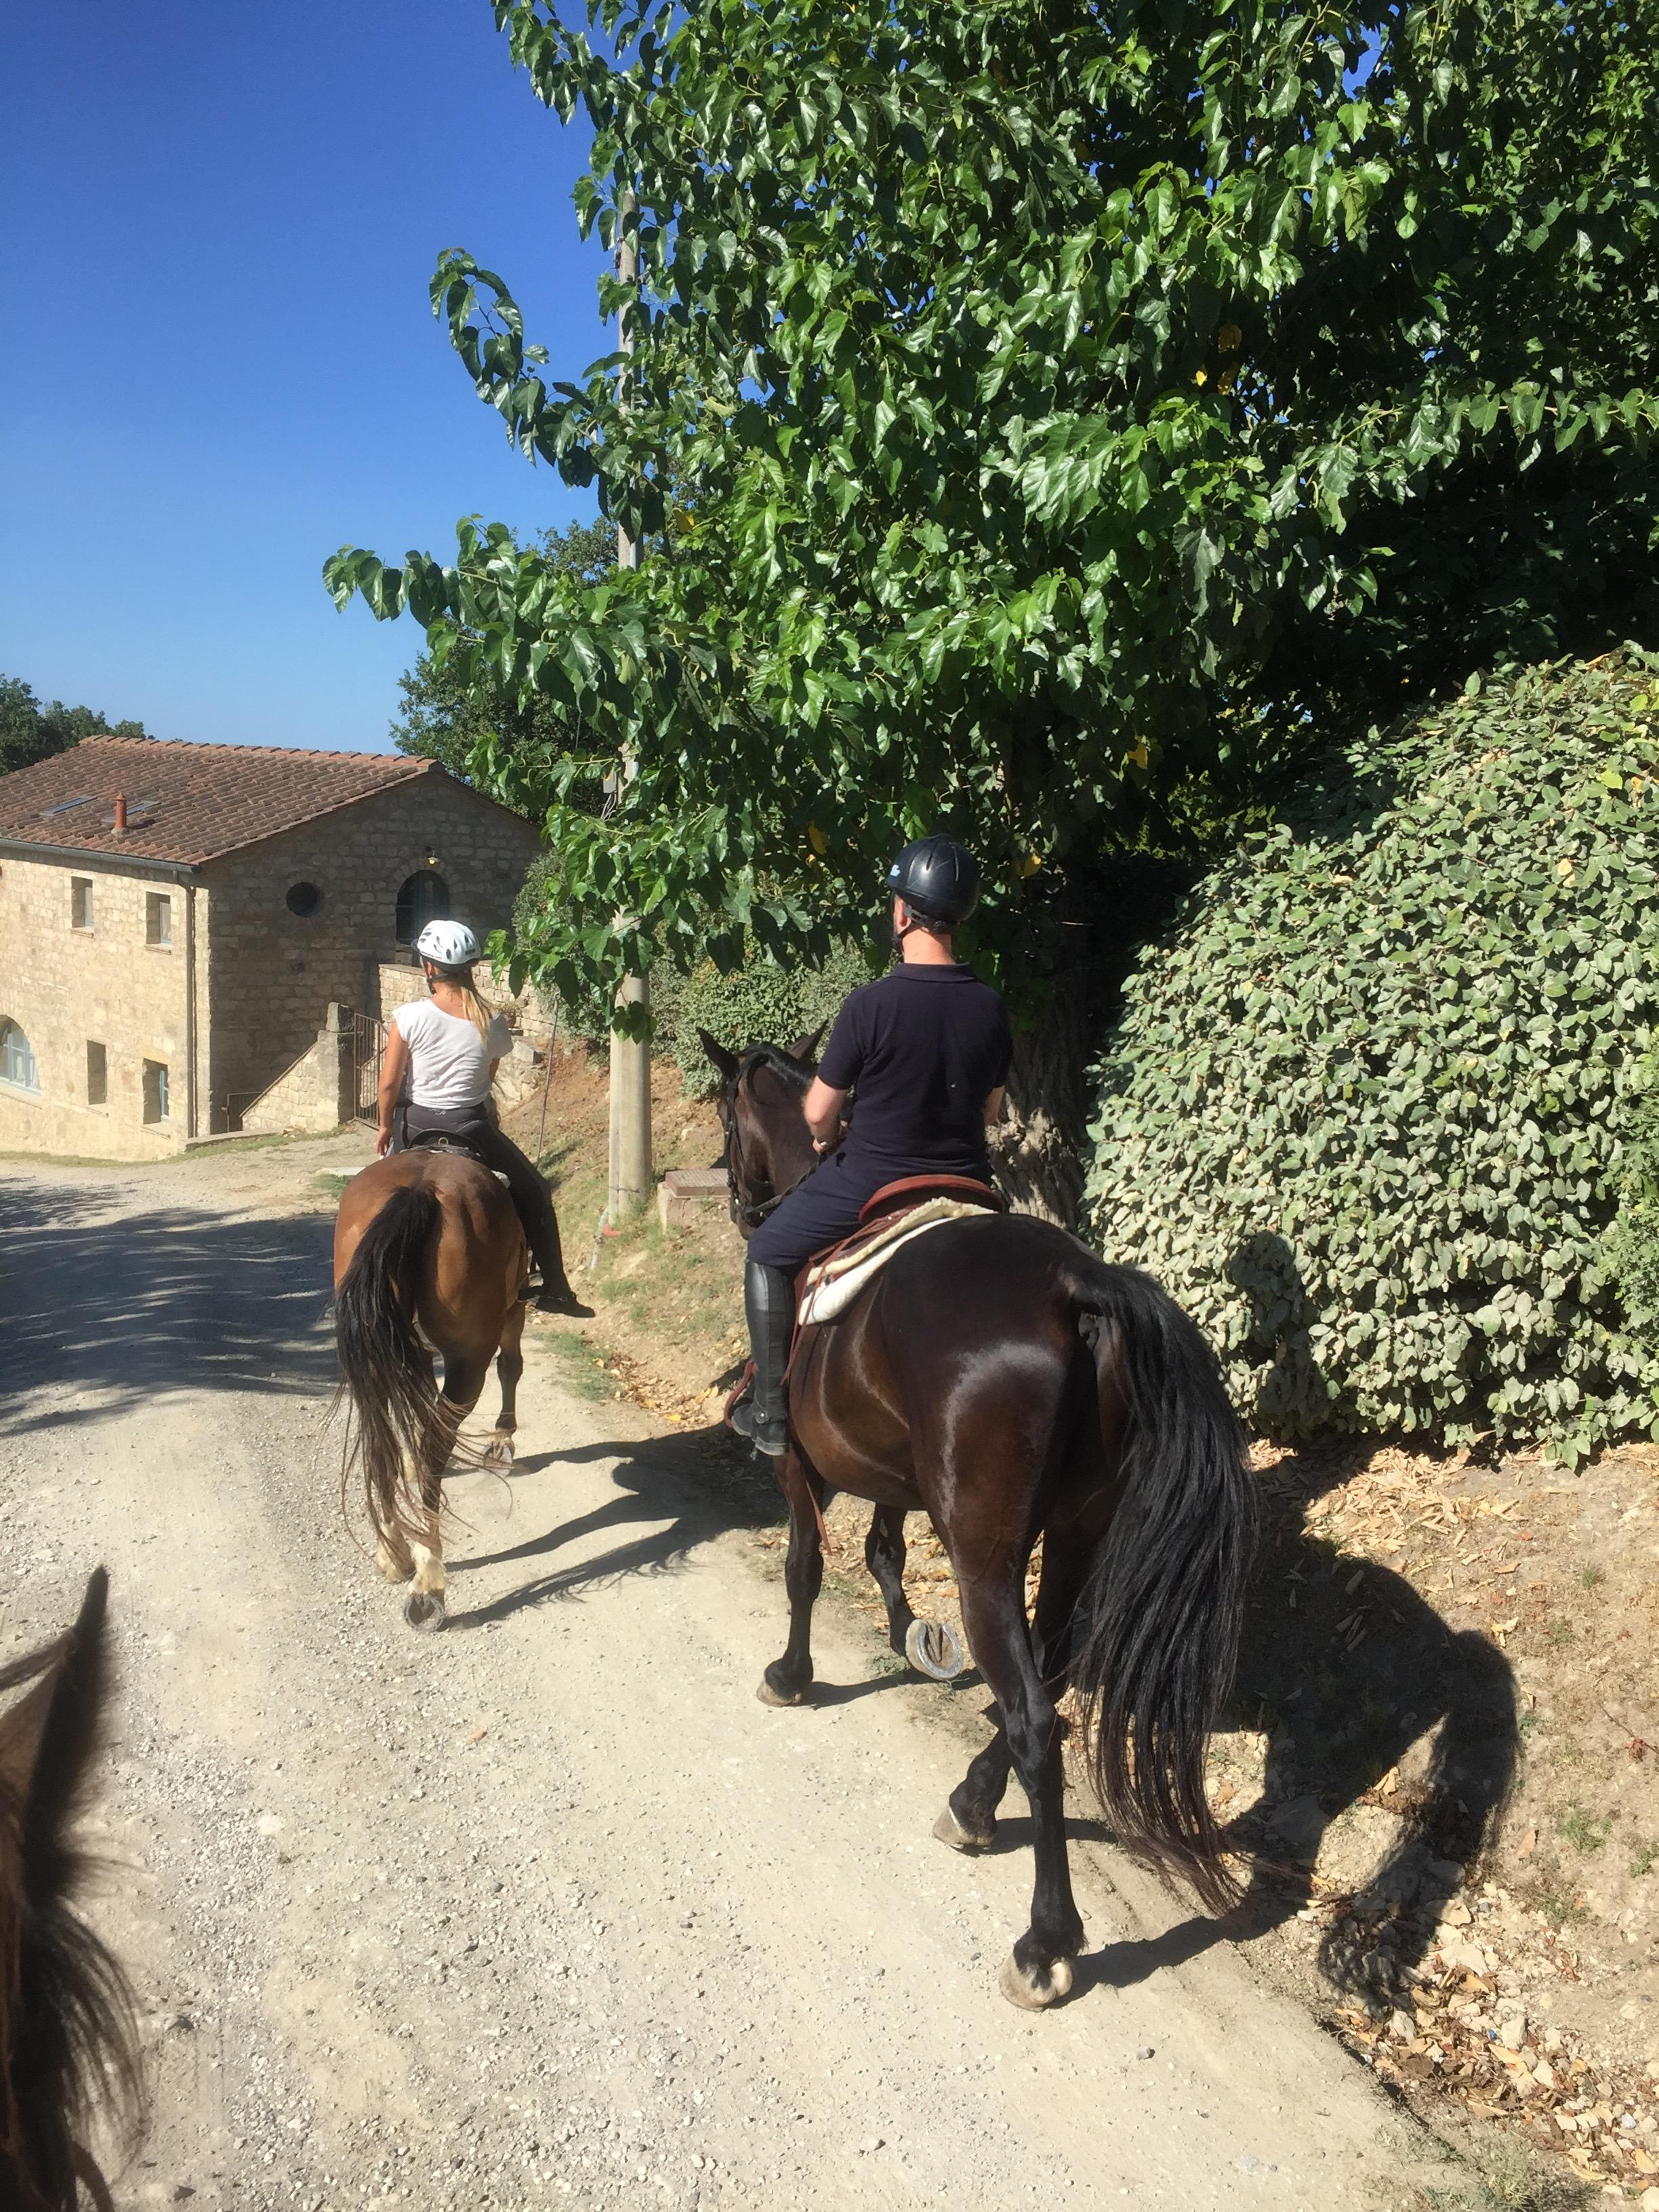 Riding through the hamlet